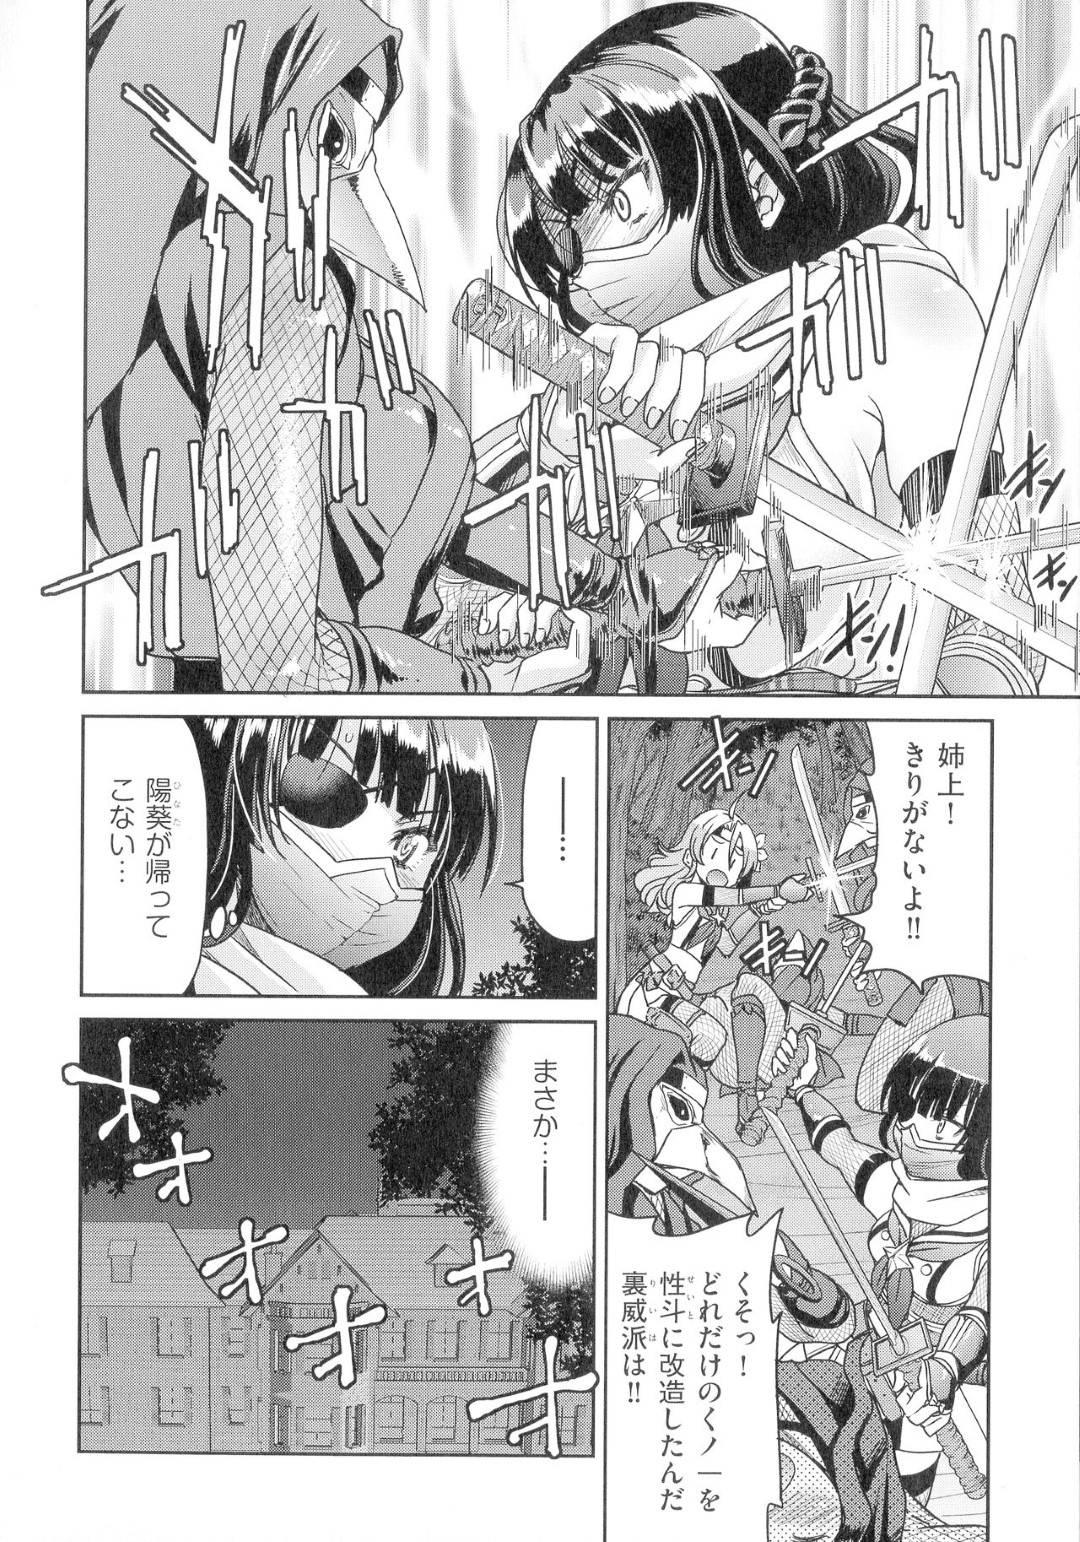 【くノ一リョナエロ漫画】敵に捕獲されたくノ一は、アナルパールやドリルバイブで苦痛責めされ痛みに泣き叫ぶ【井上よしひさ】